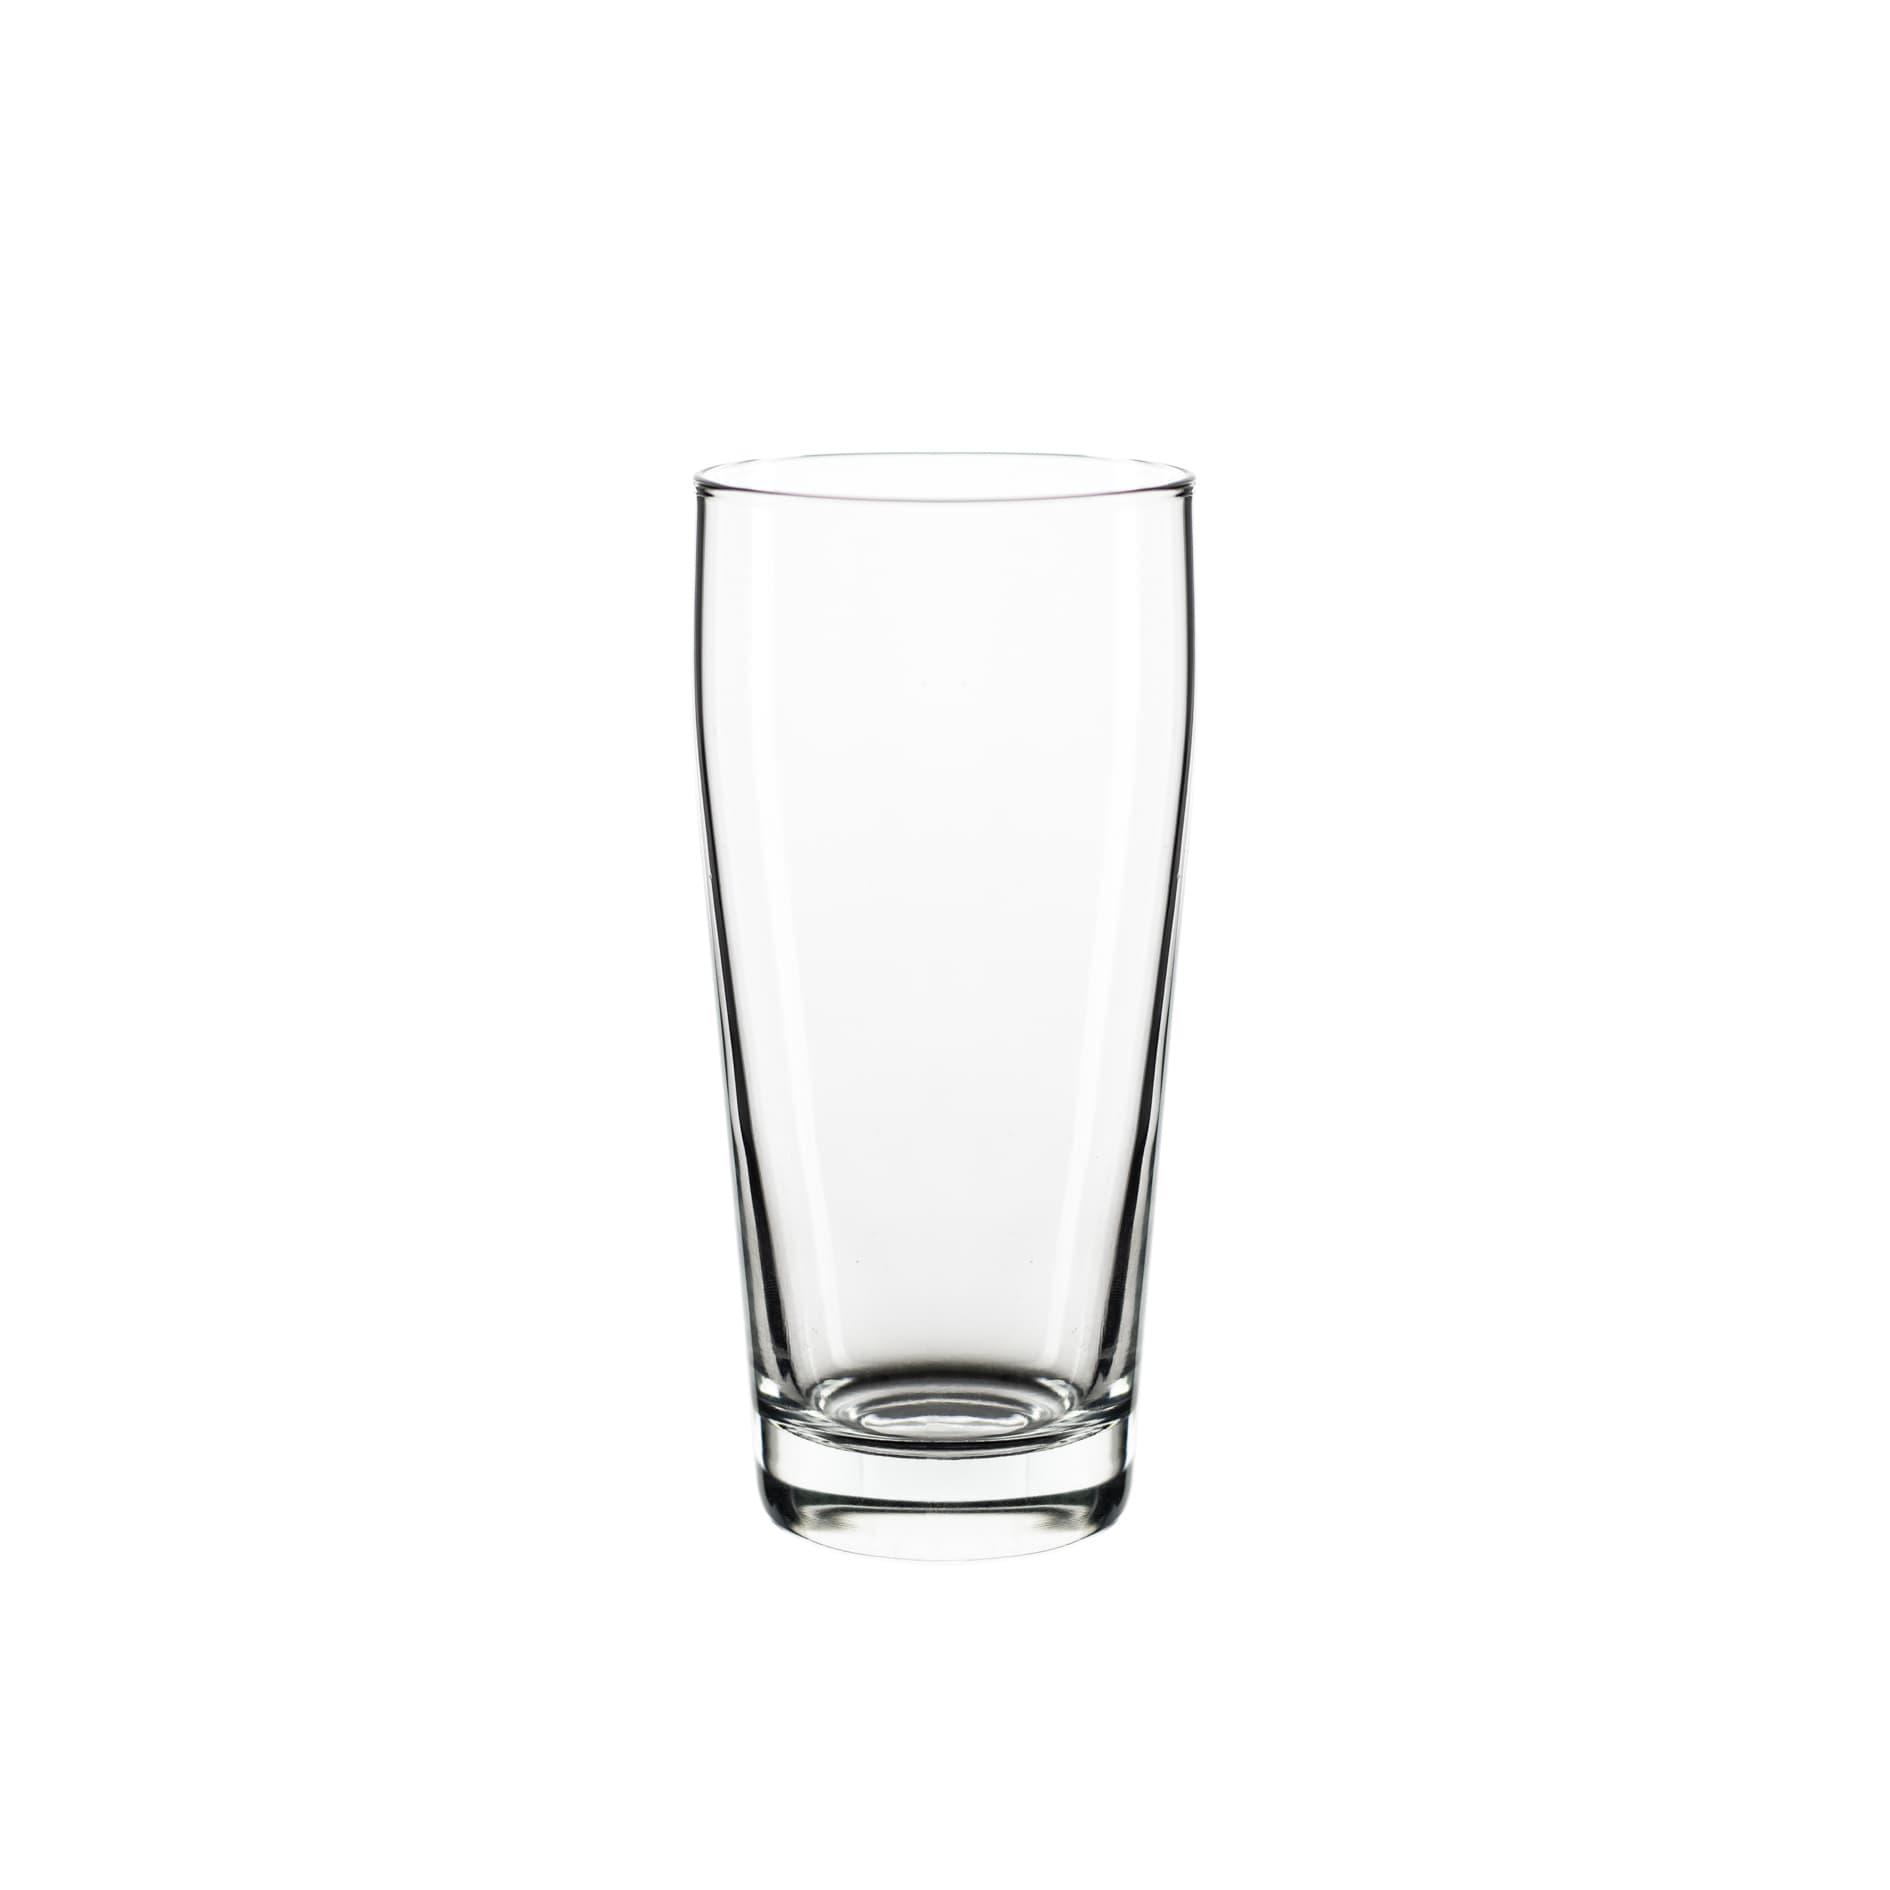 Bierglas Willy Becher  0,25 l